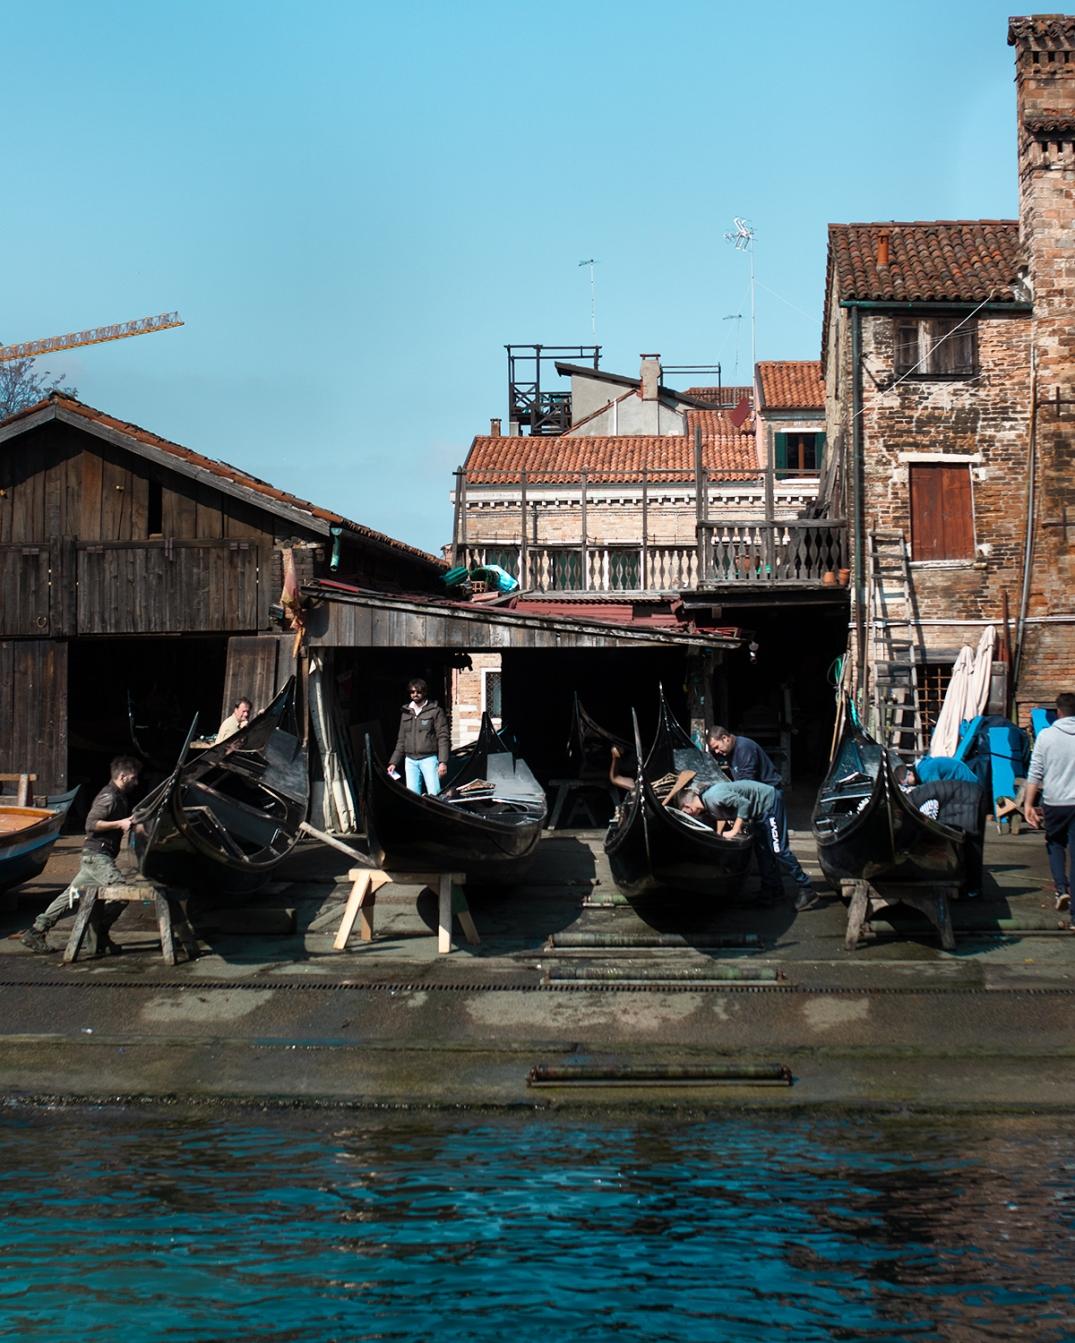 venezia squero